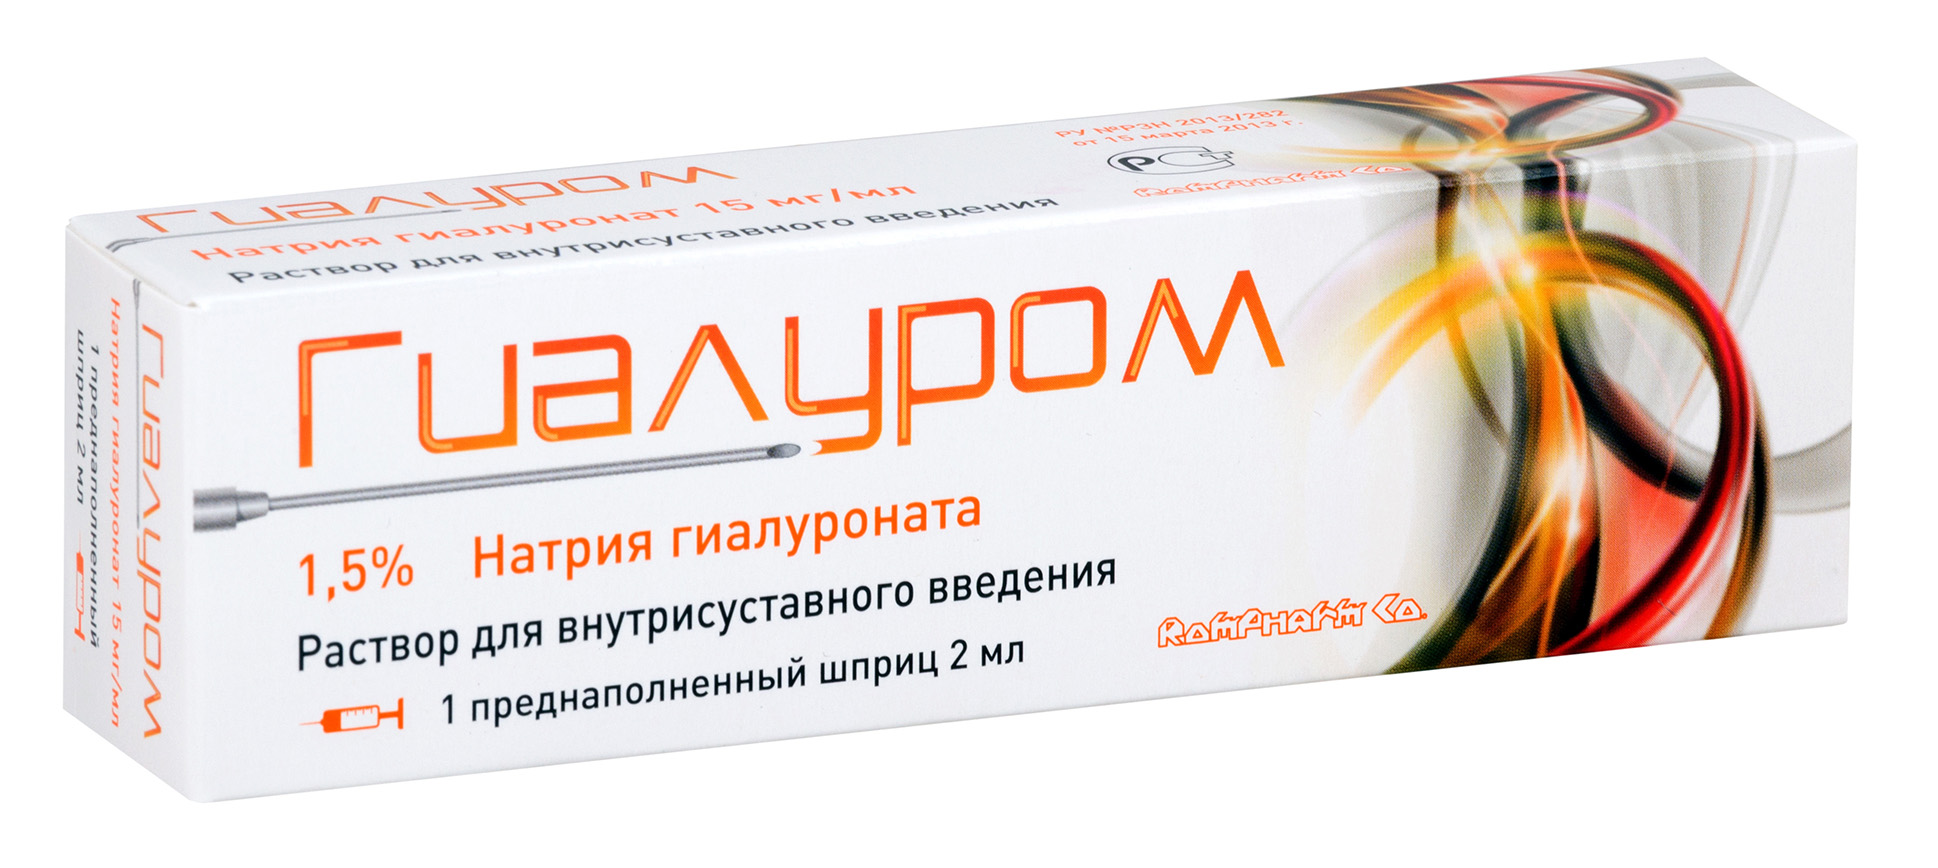 Гиалуром р-р в/сустав 1,5 2мл (шприц)